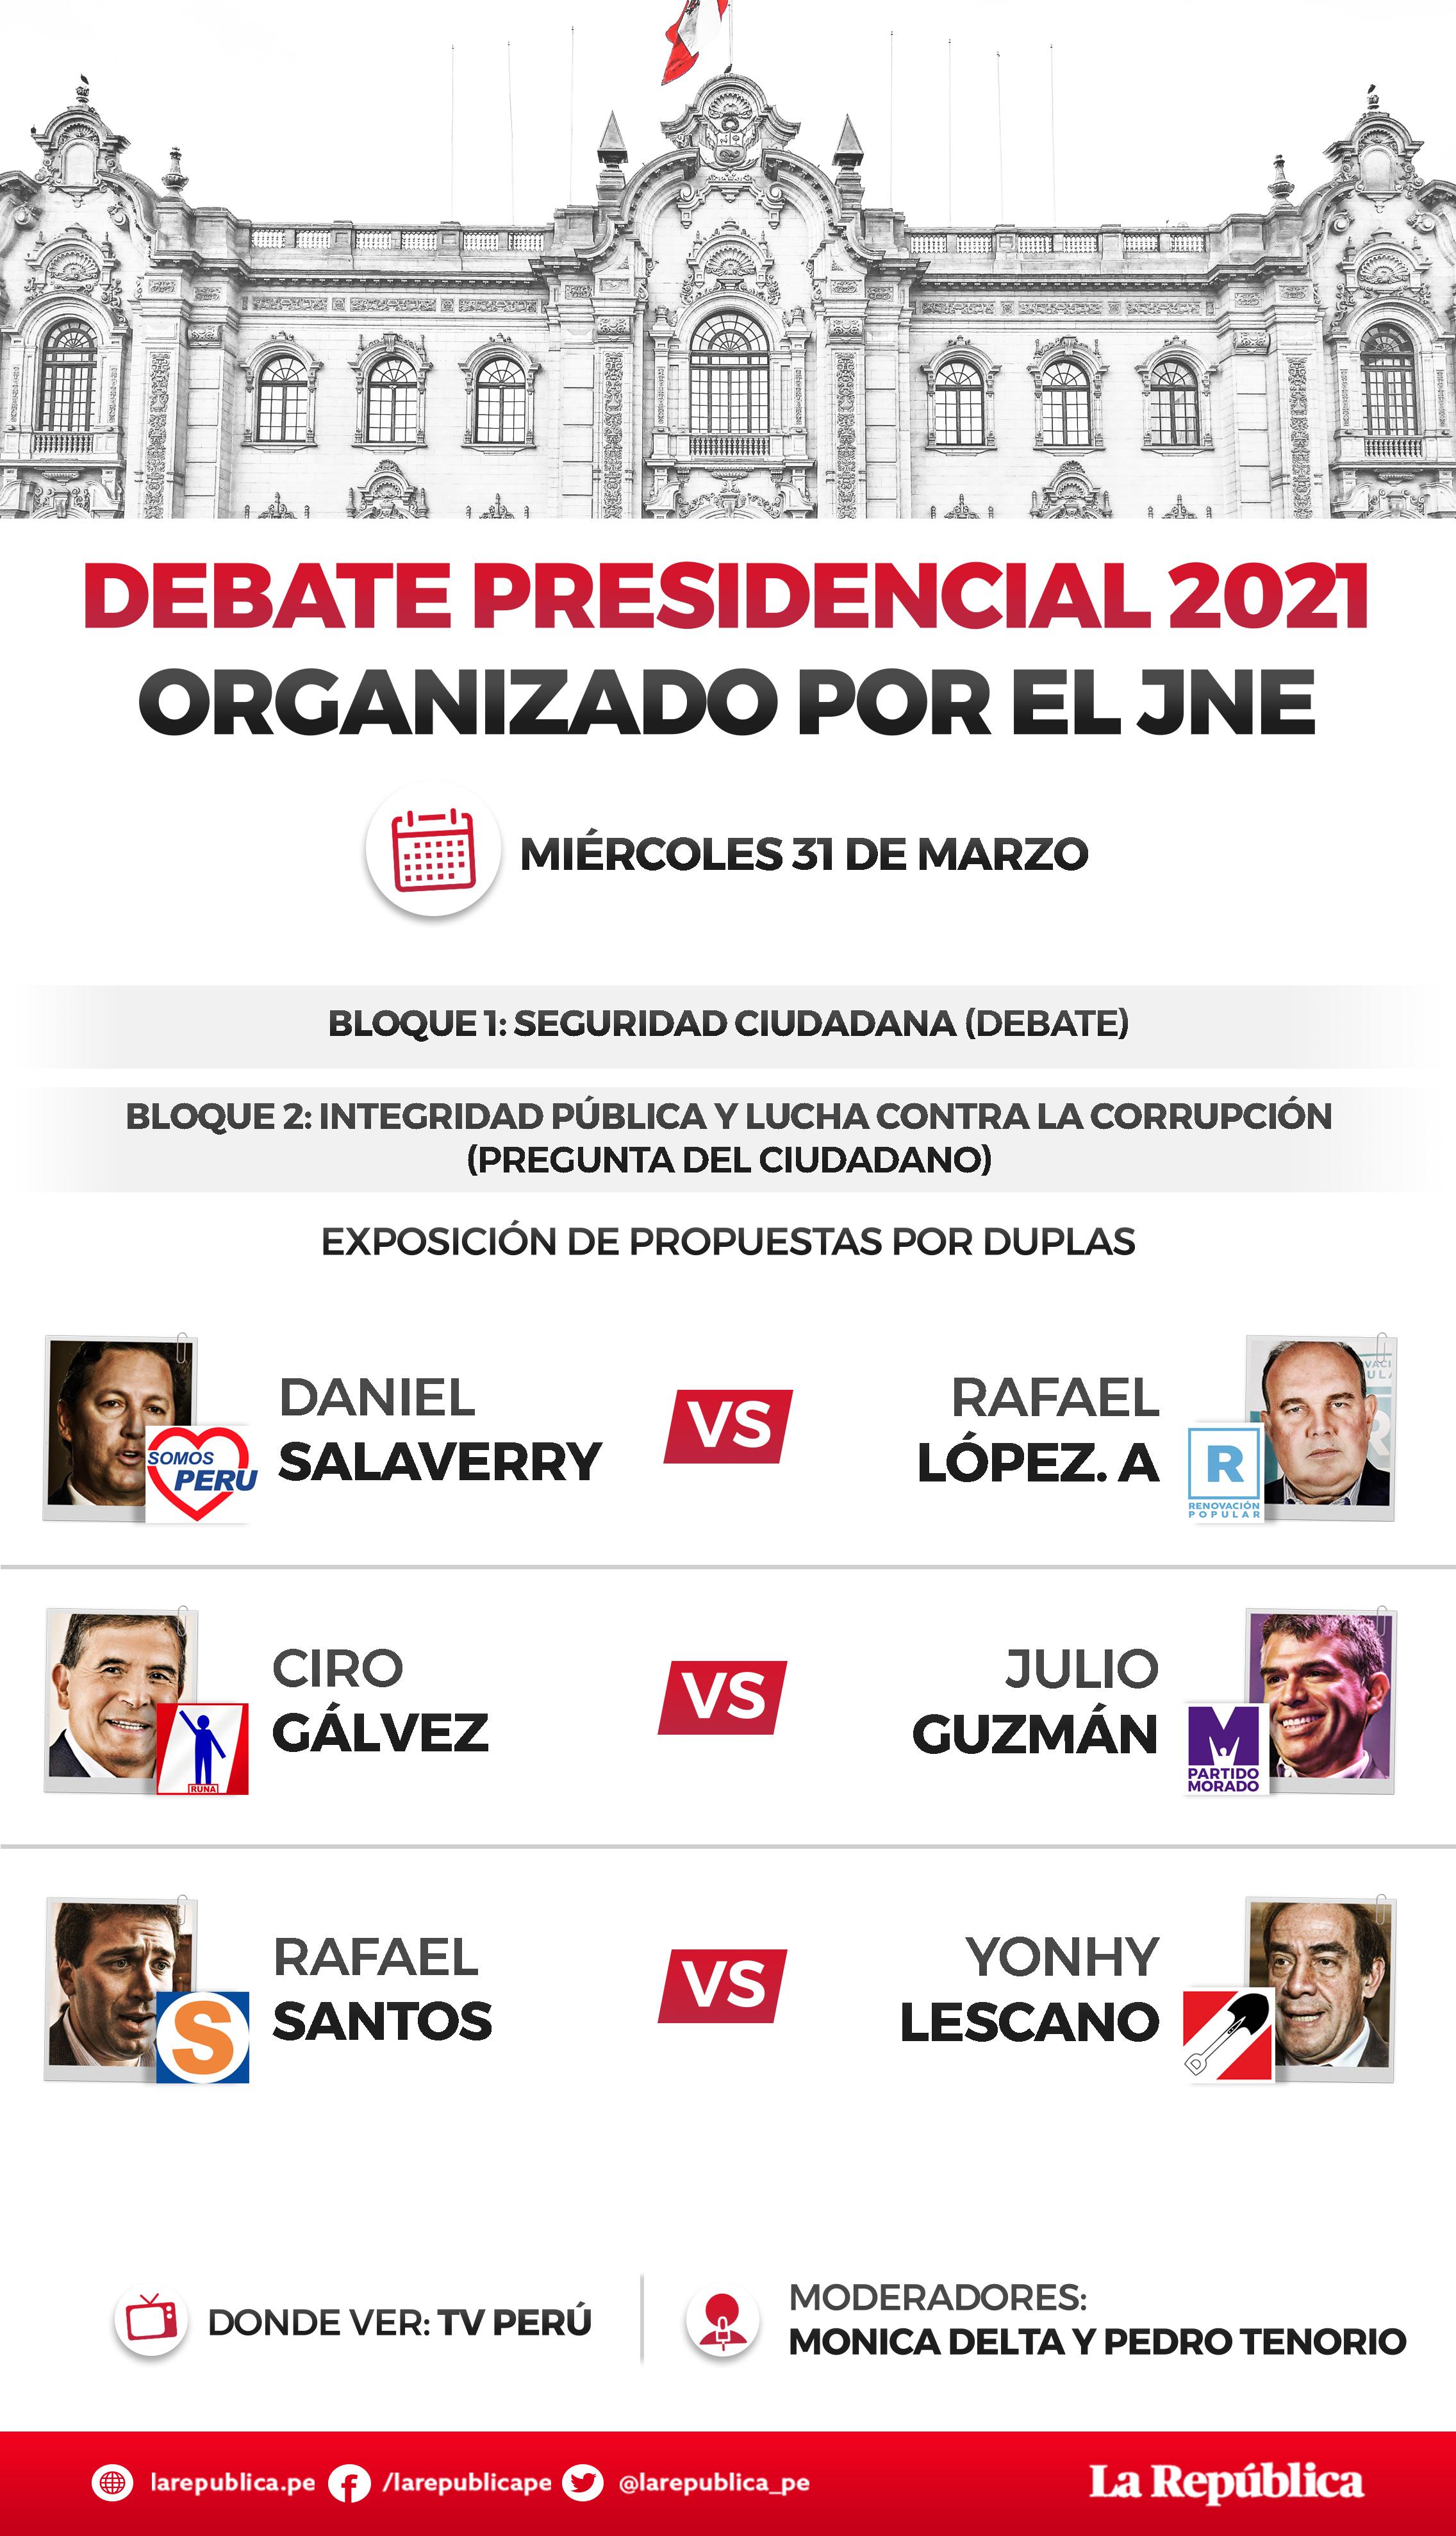 Los candidatos se enfrentarán en duplas para hablar sobre la seguridad ciudadana.